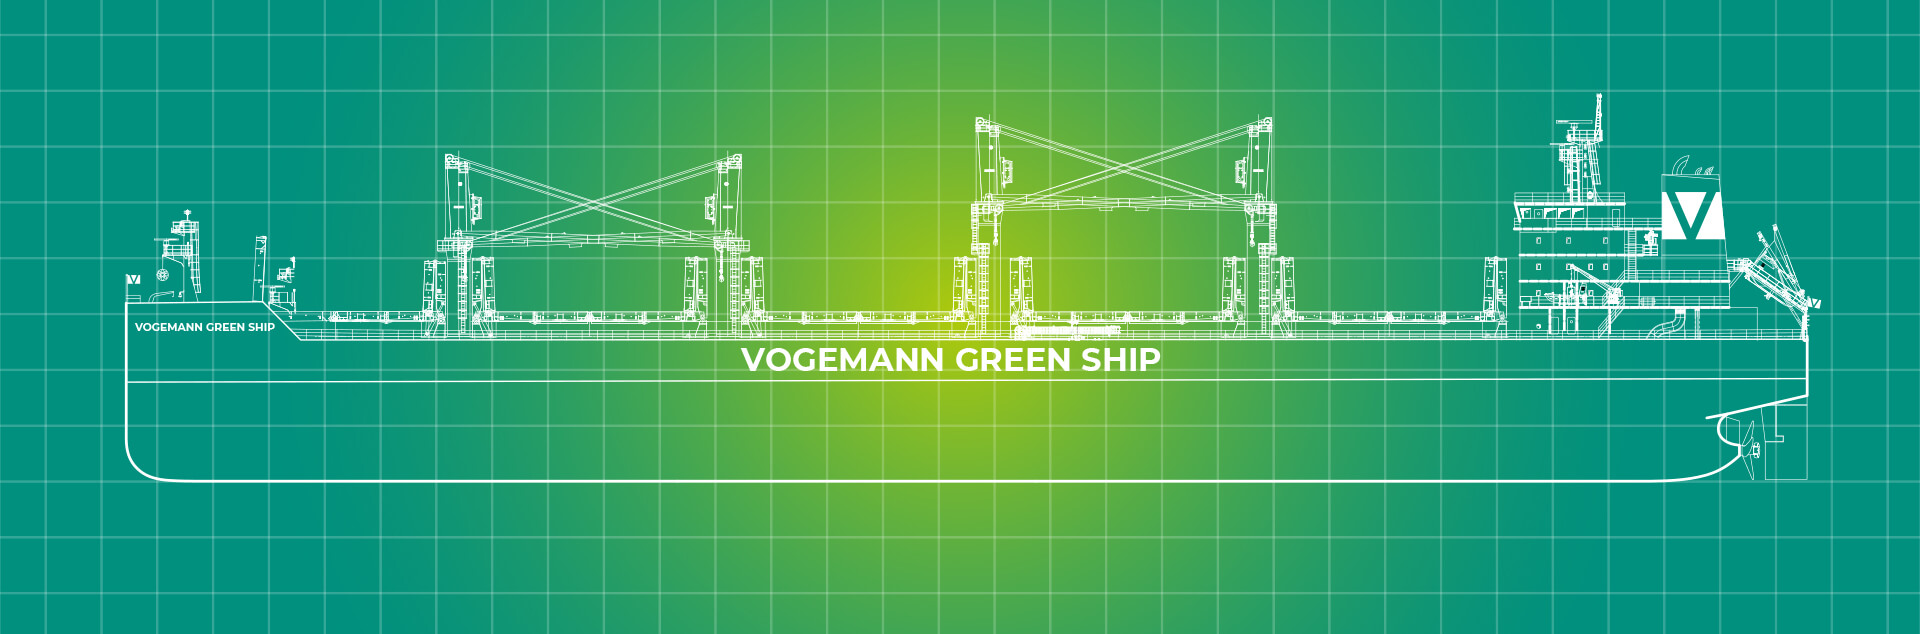 Vogemann Backbord Schiff auf grünem Hintergrund